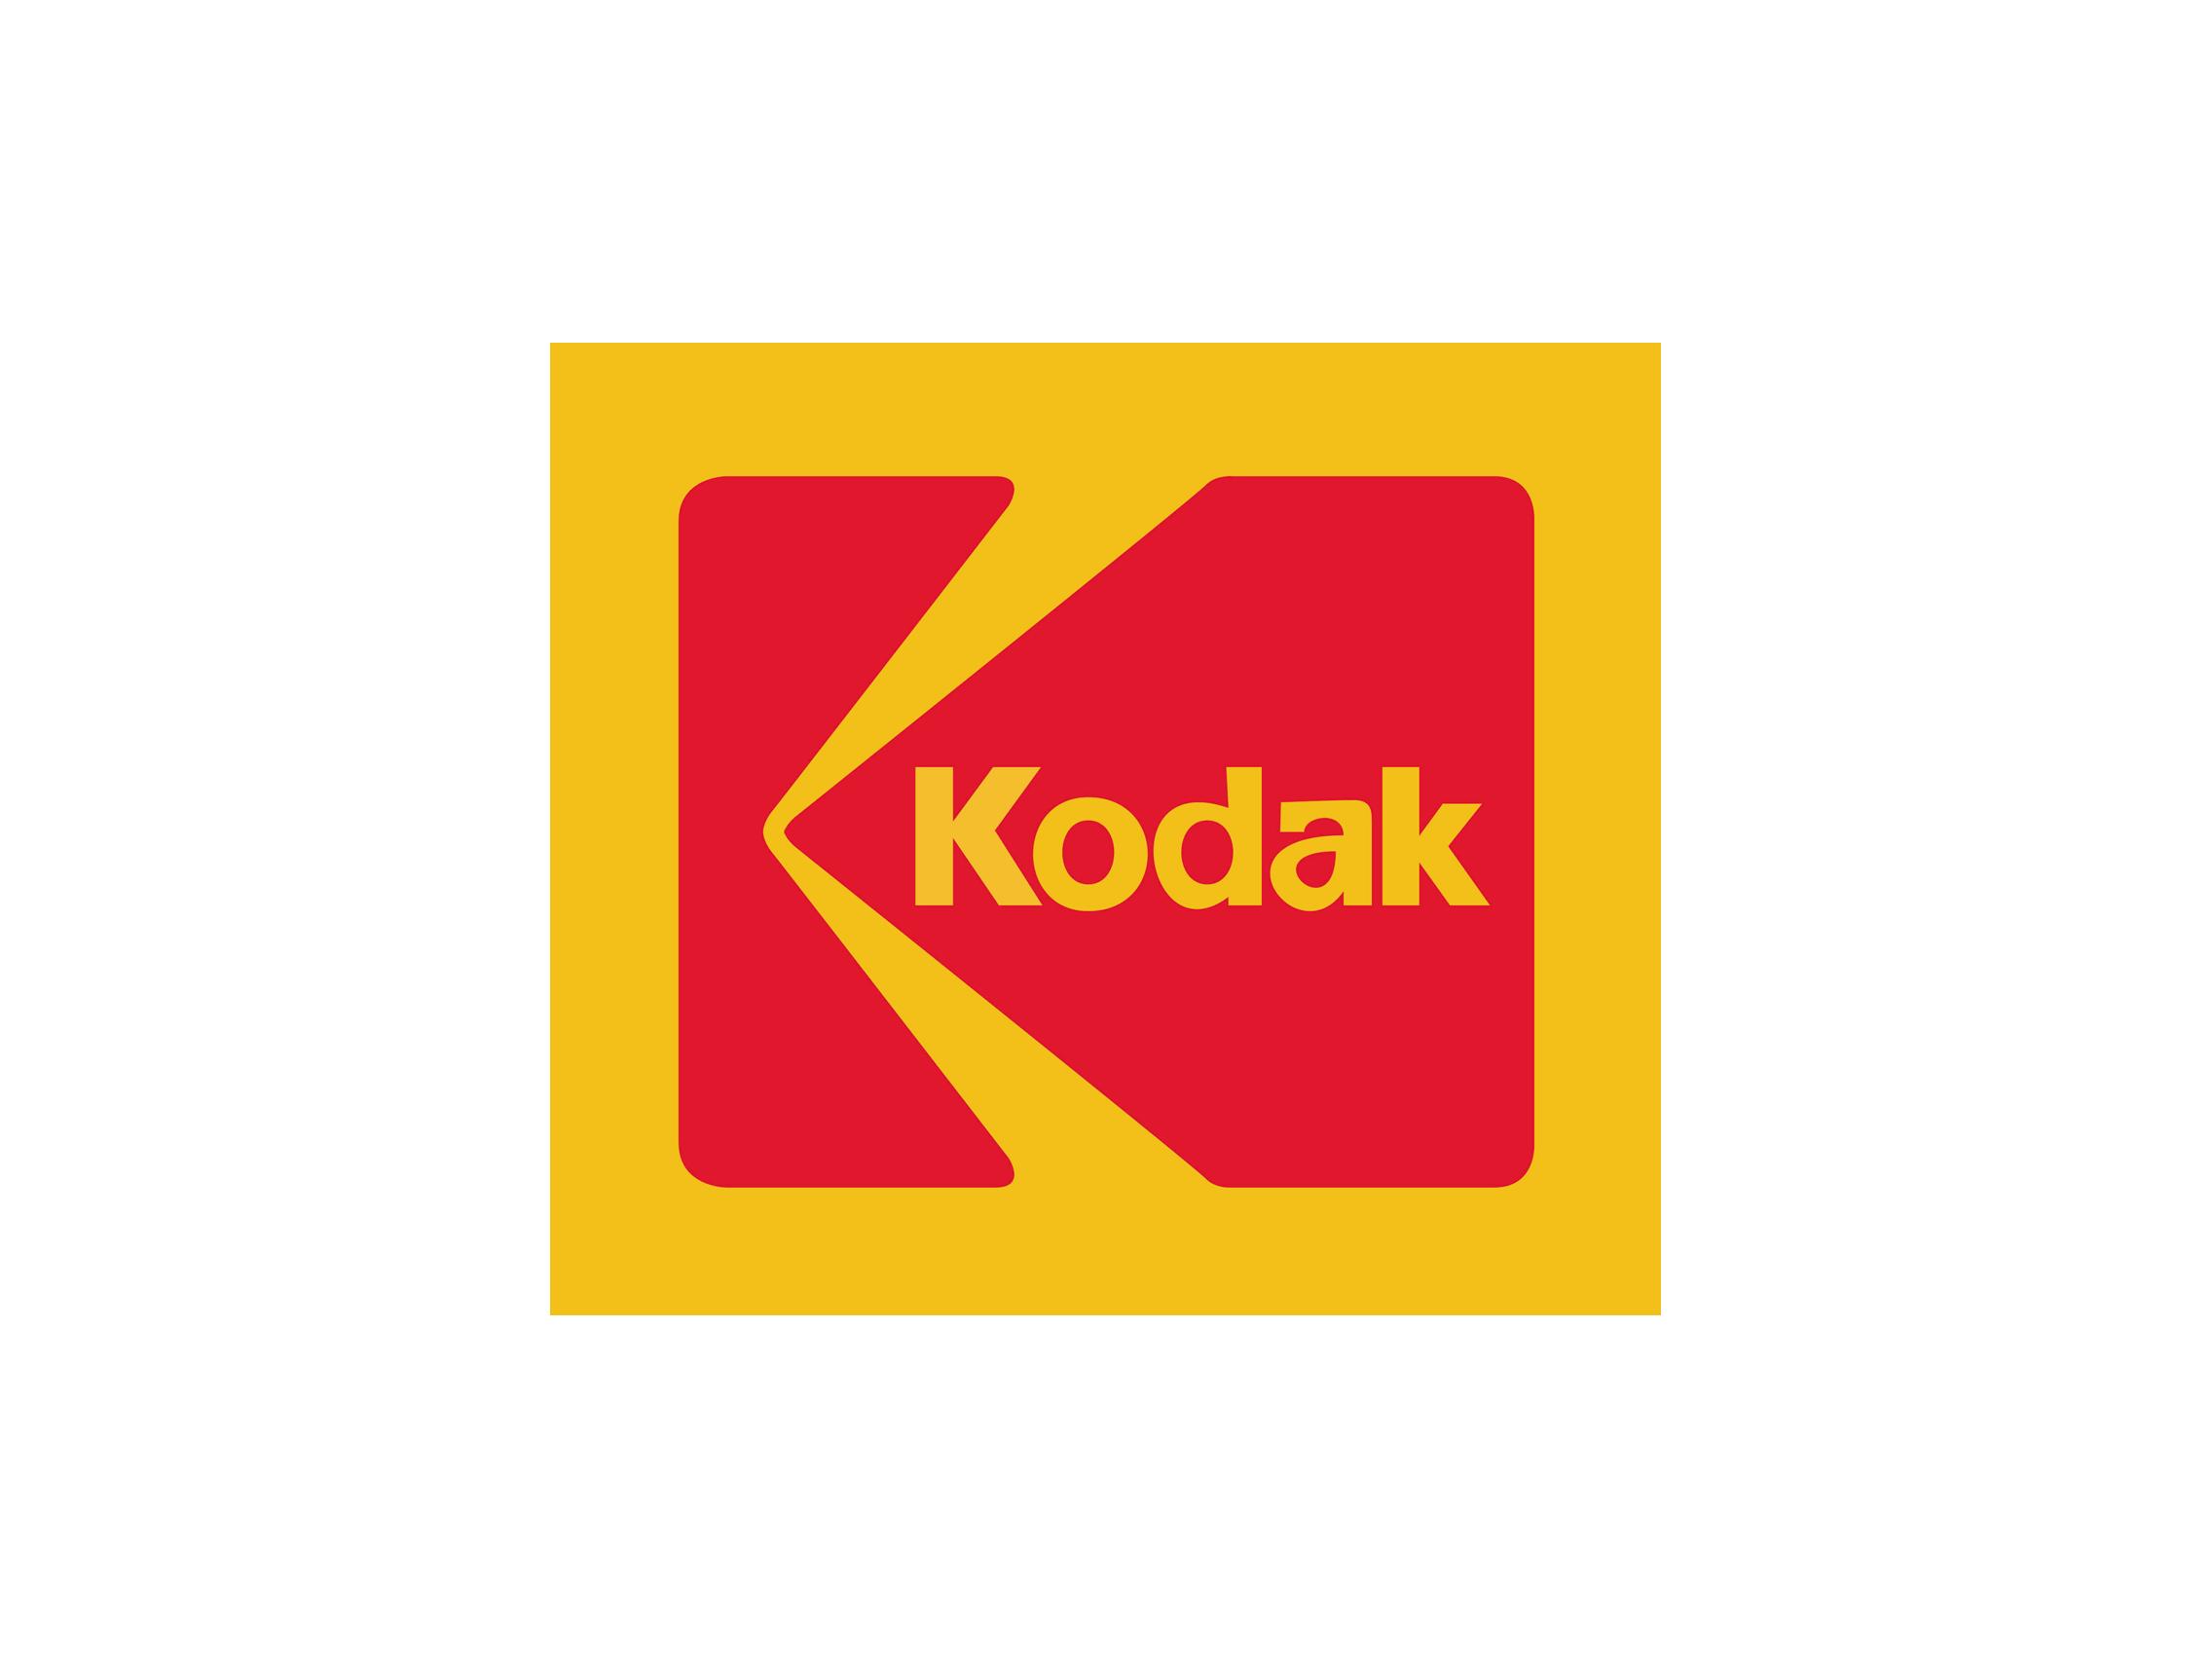 Kodak-logo-original.png